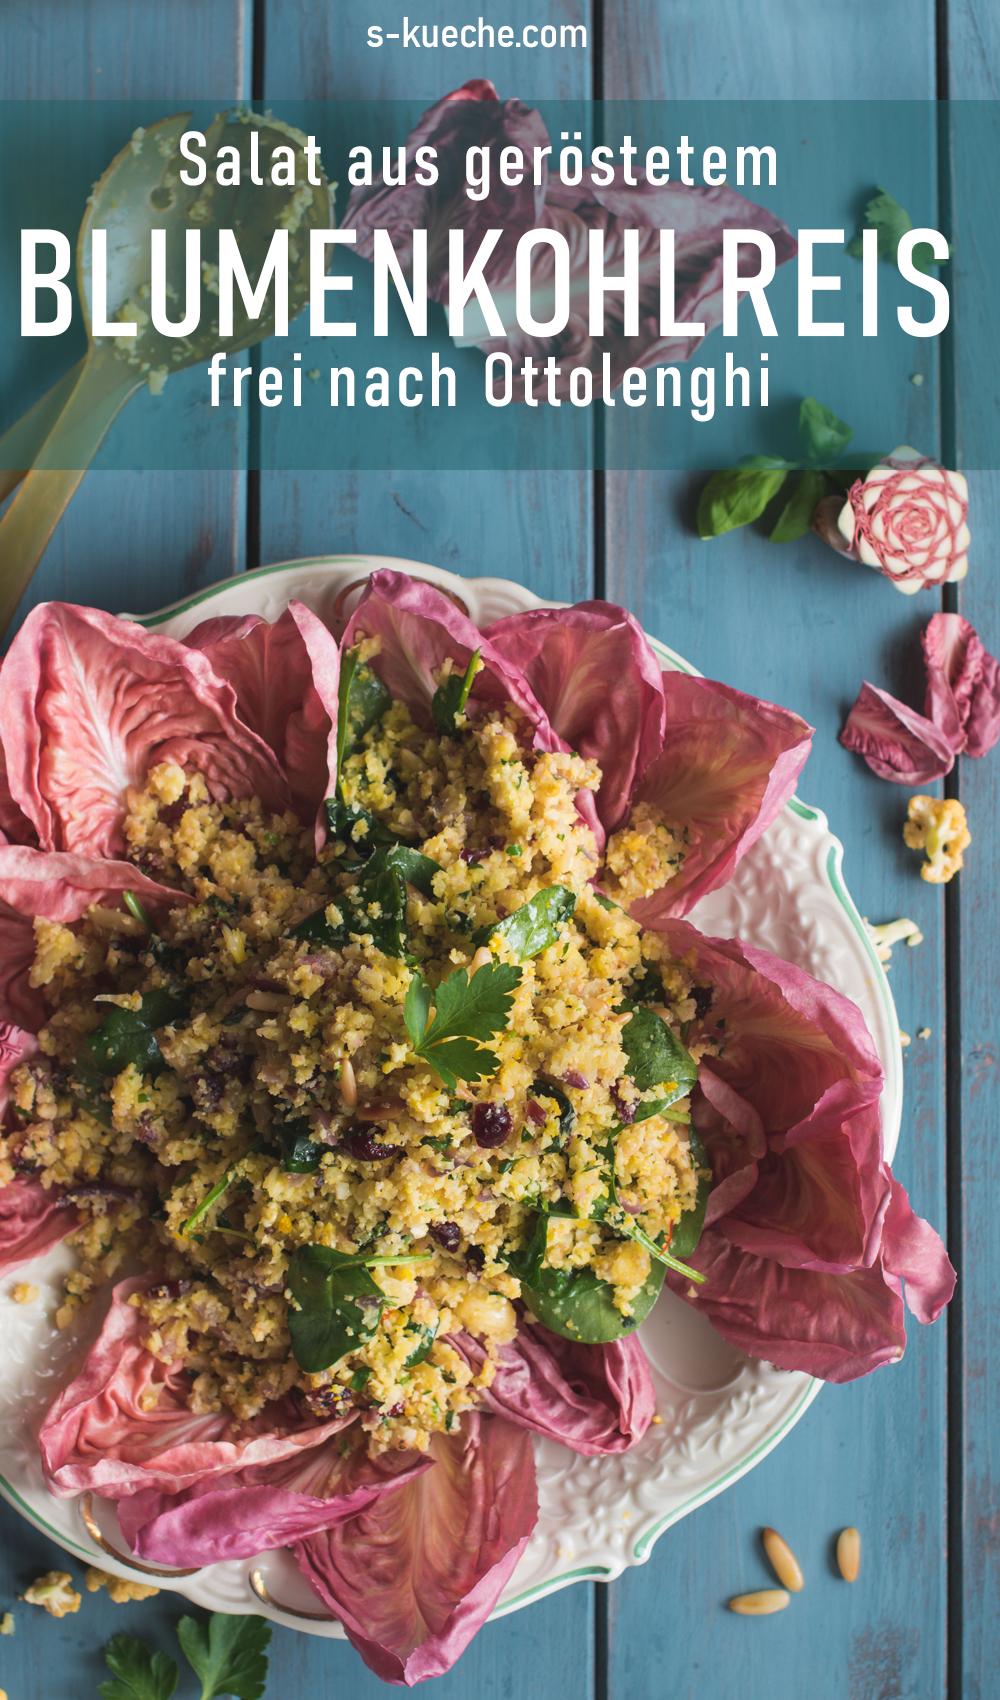 Rezept mit und ohne Thermomix - Salat aus geröstetem Blumenkohl-Reis und Radicchio Rosa di Verona, frei nach Ottolengh